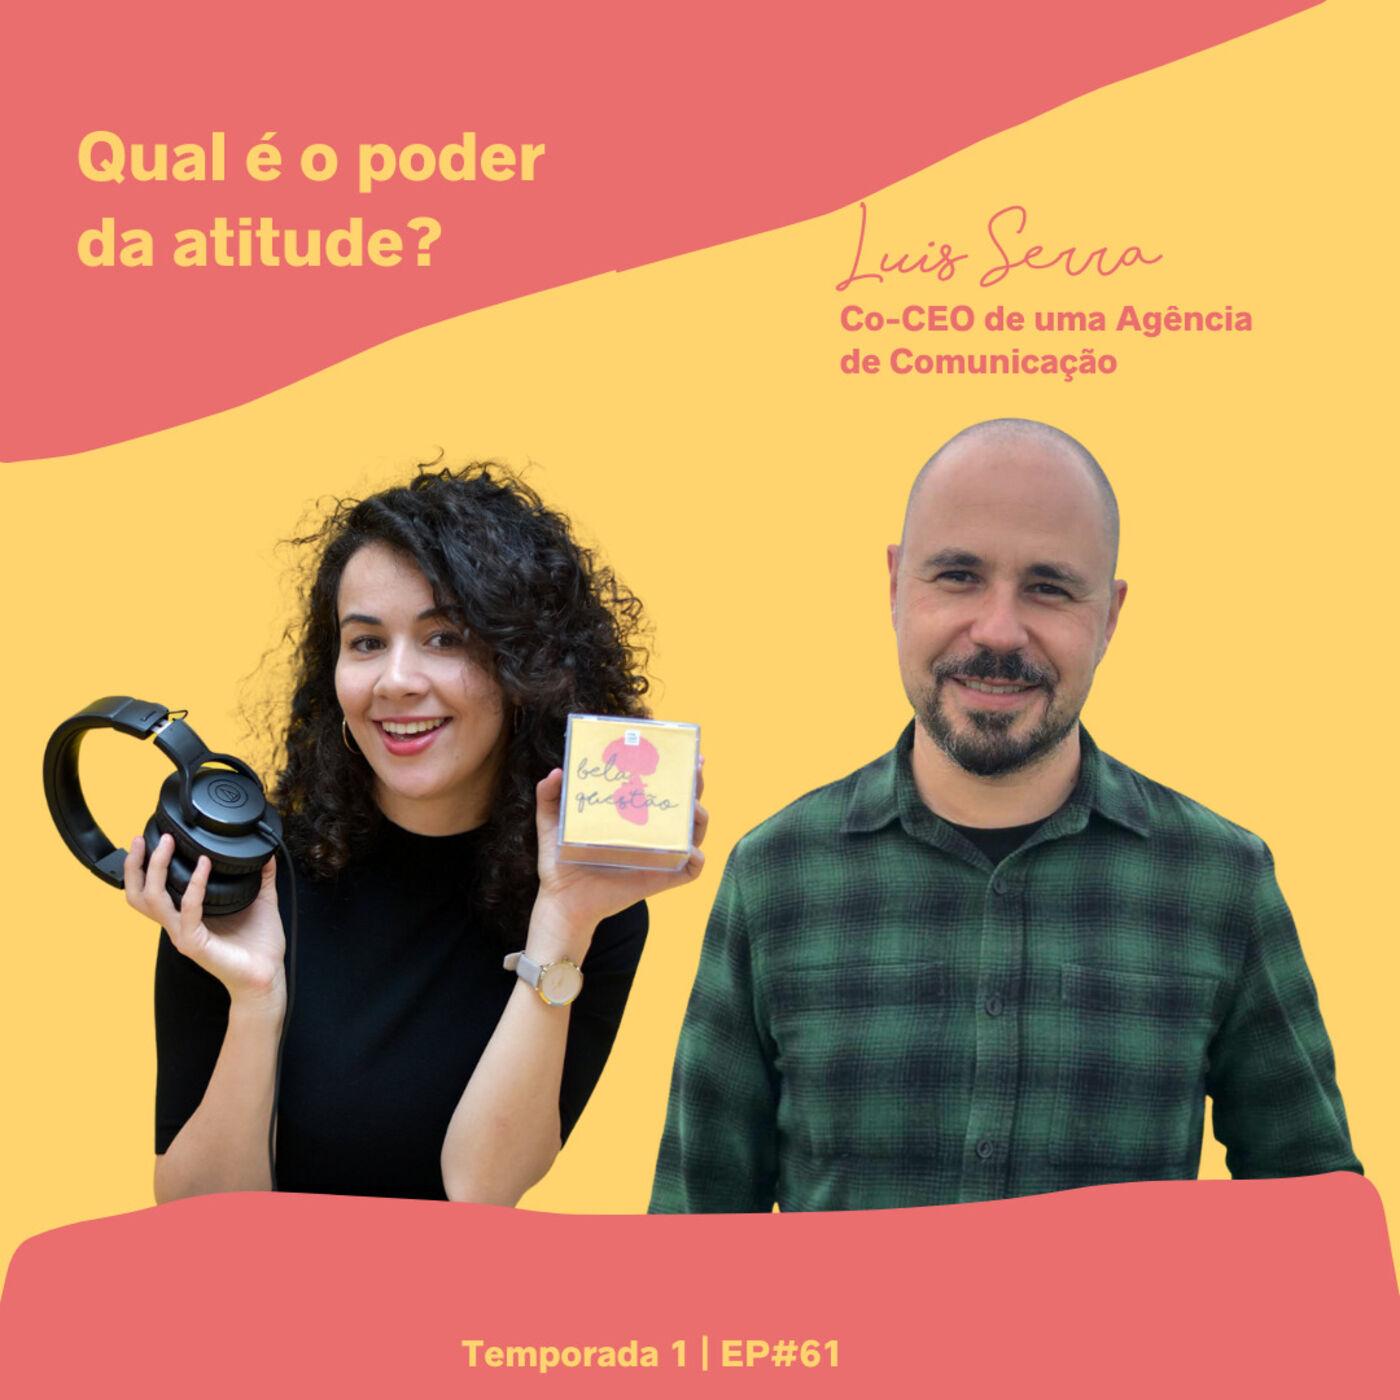 61º Onde nos pode levar o poder da atitude? Com Luís Serra, CO-CEO de uma Agência de Comunicação de renome em Portugal